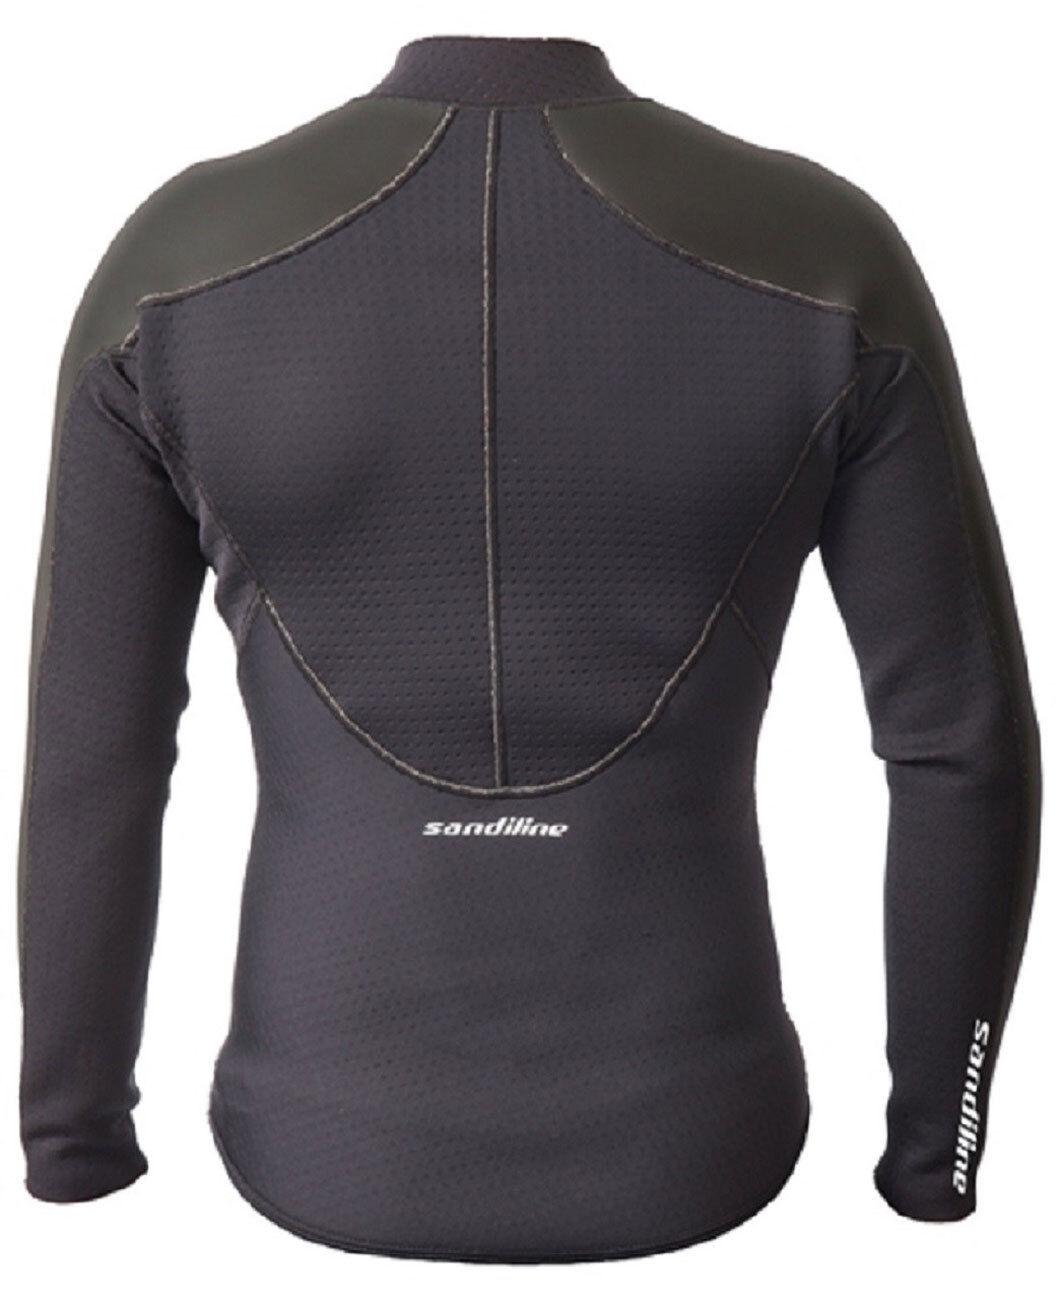 Sandiline Shirt AirVolution HWS Neopren Shirt mit und Airprene und mit Mesh-Neopren 537b05